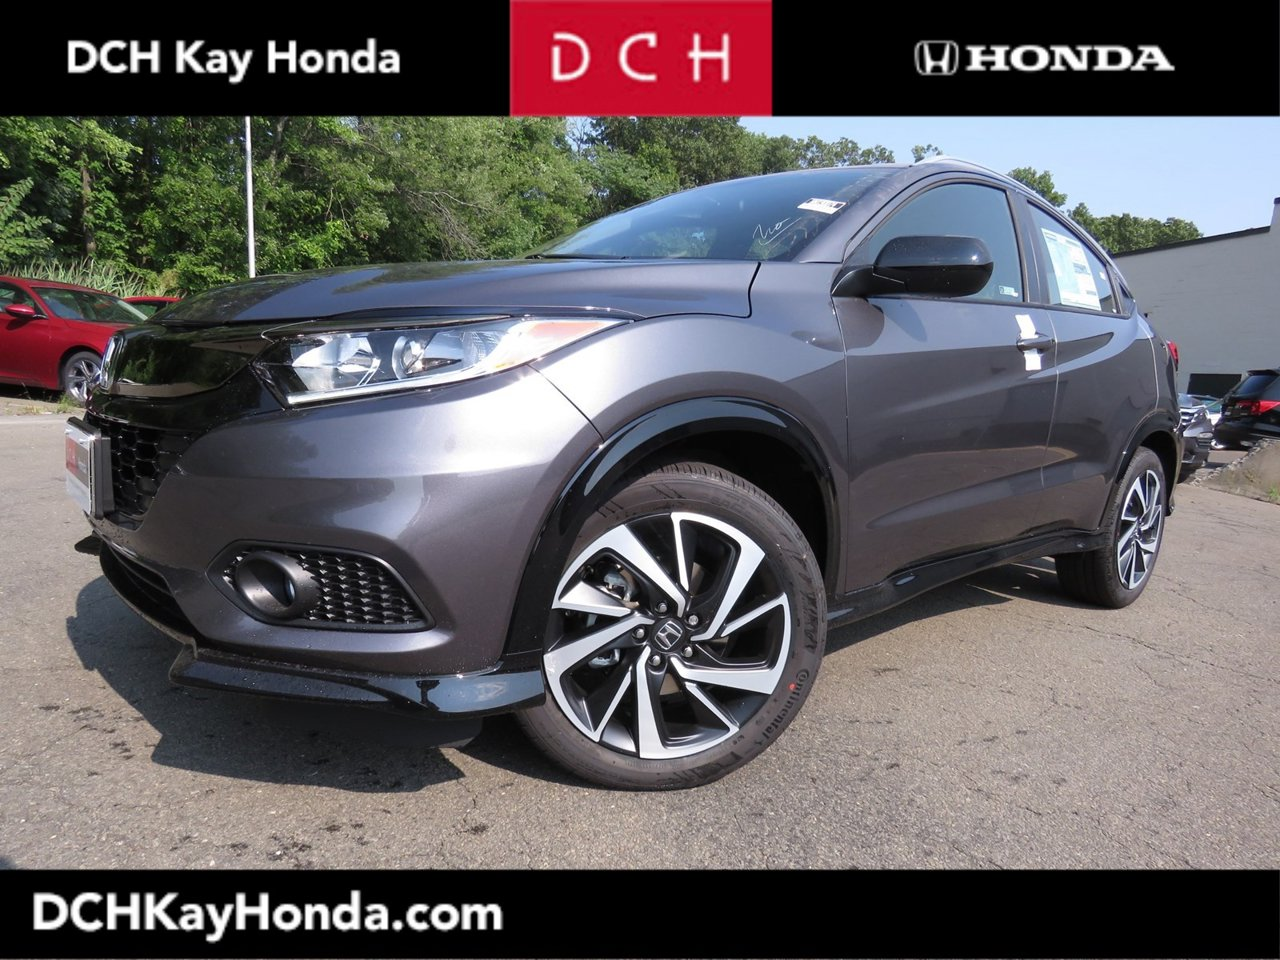 New 2020 Honda HR-V in Eatontown, NJ